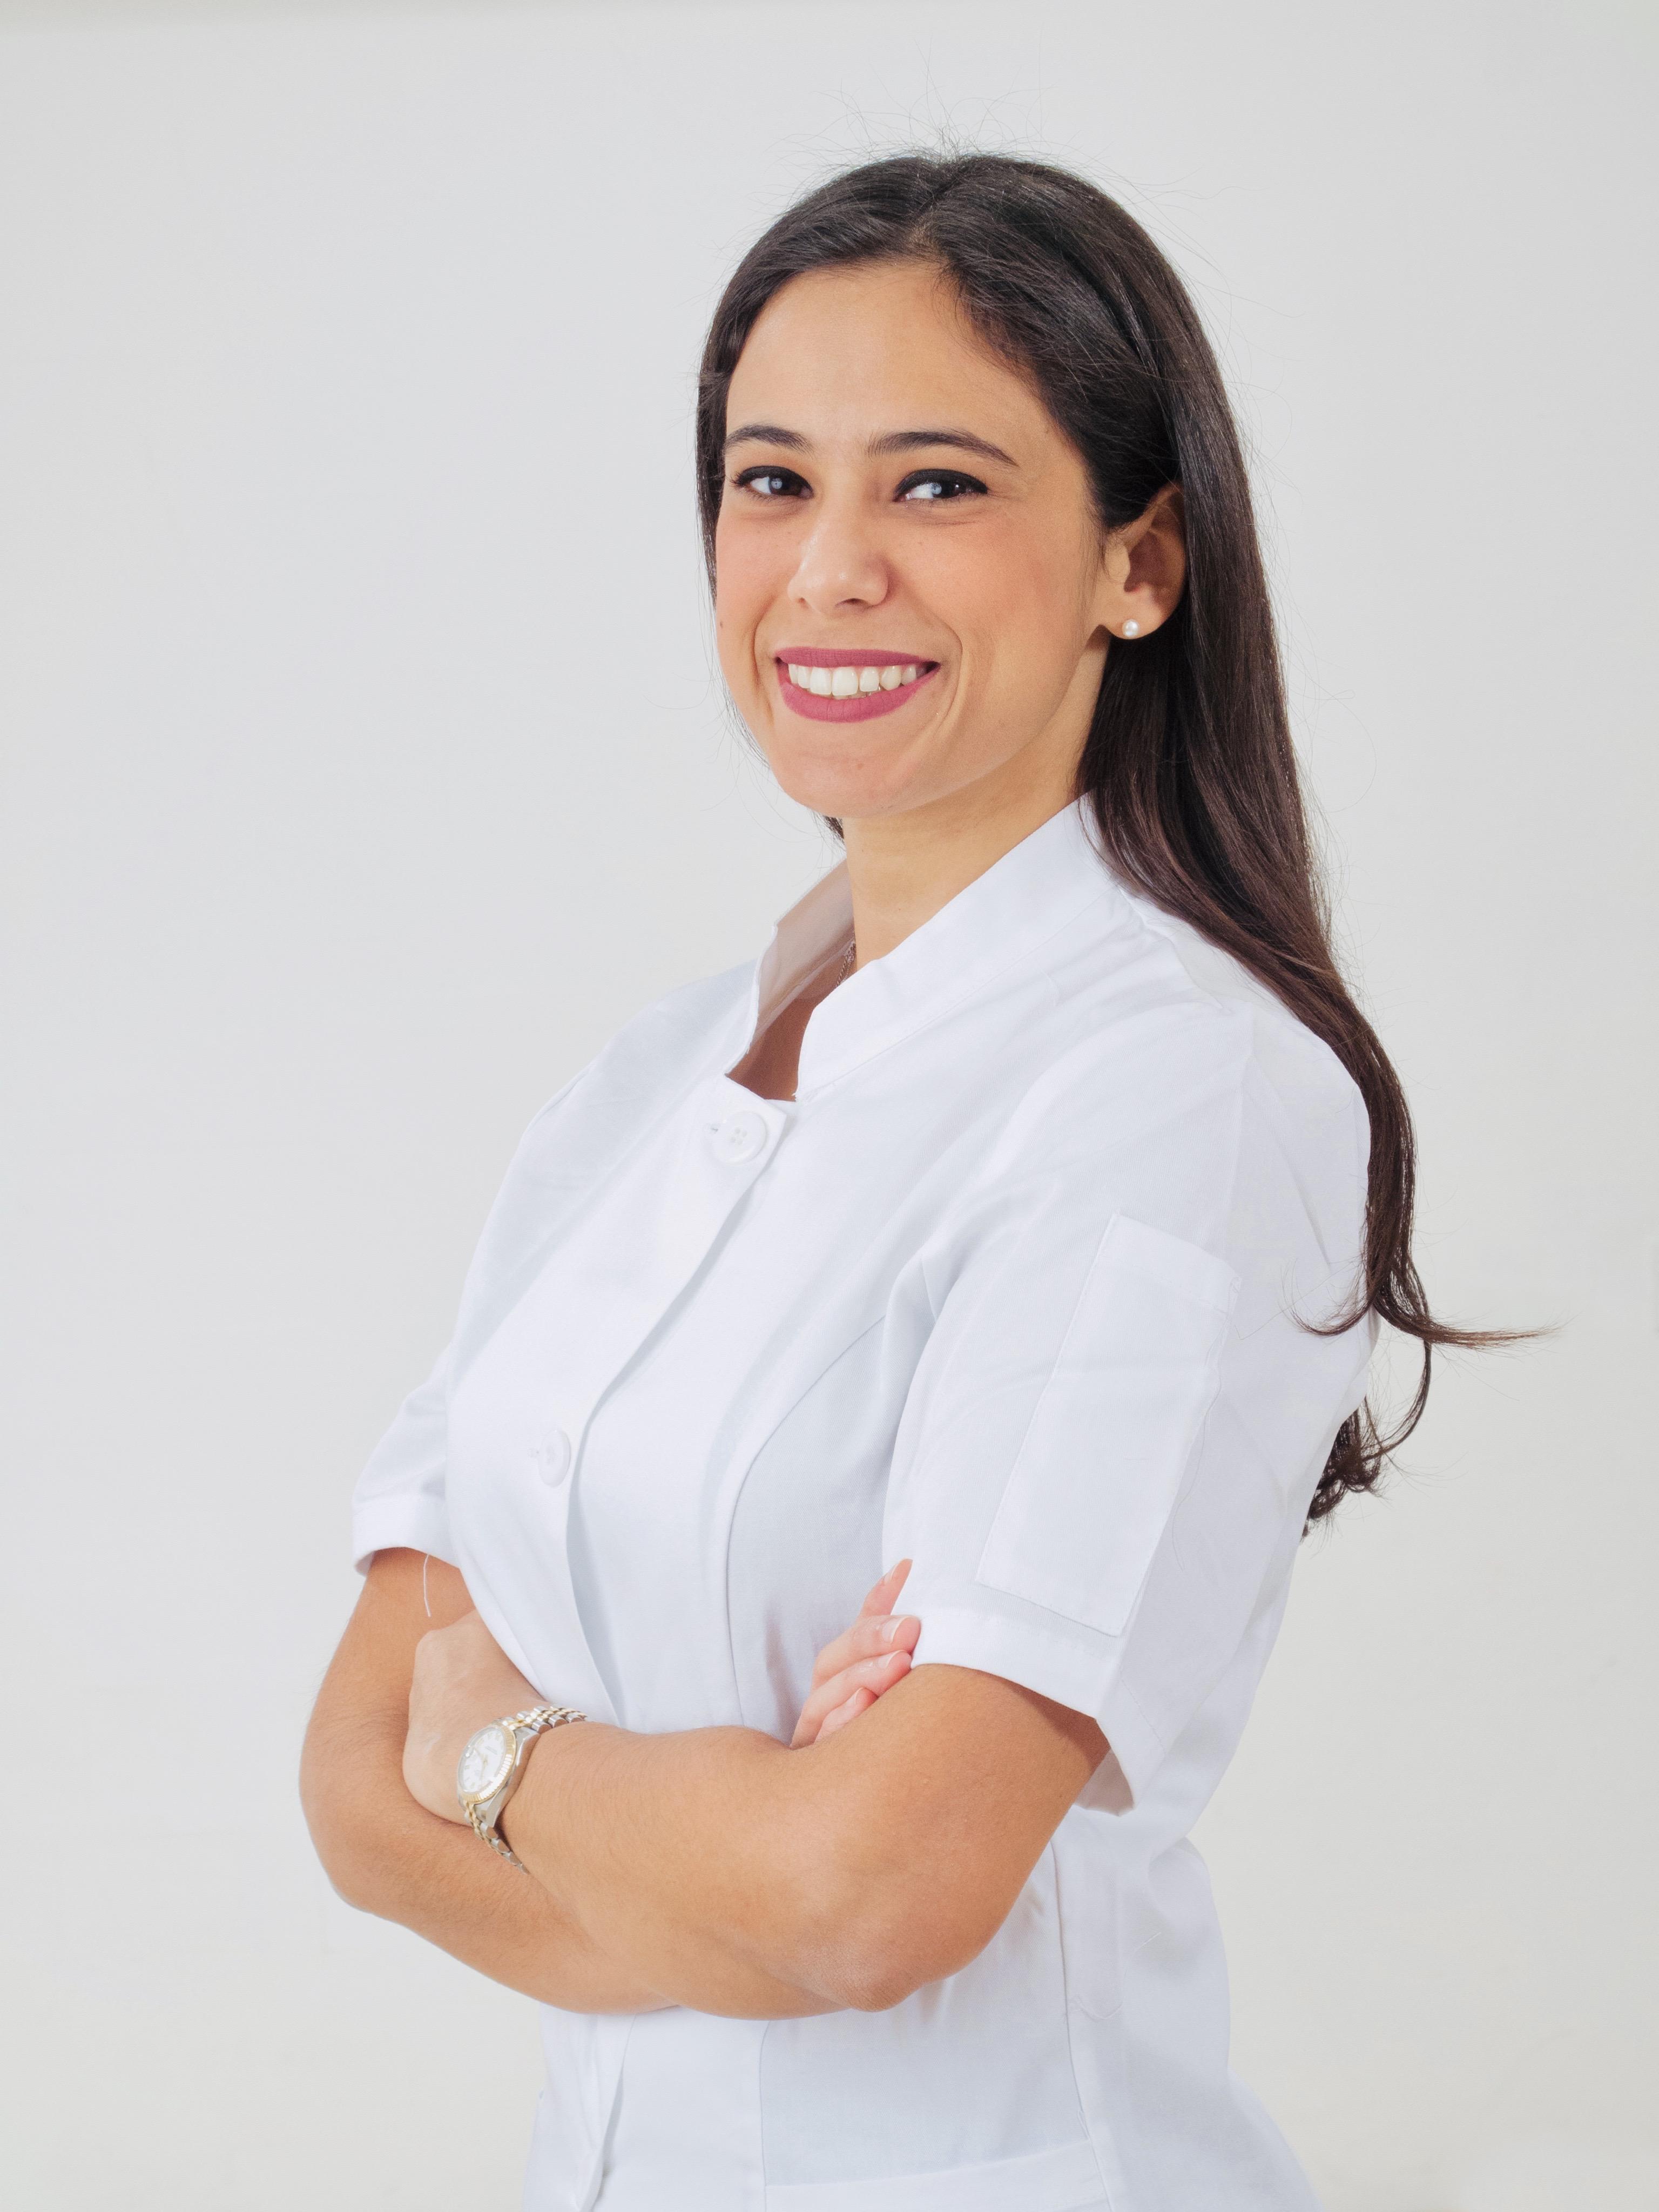 Dott.ssa Cristina Conforte